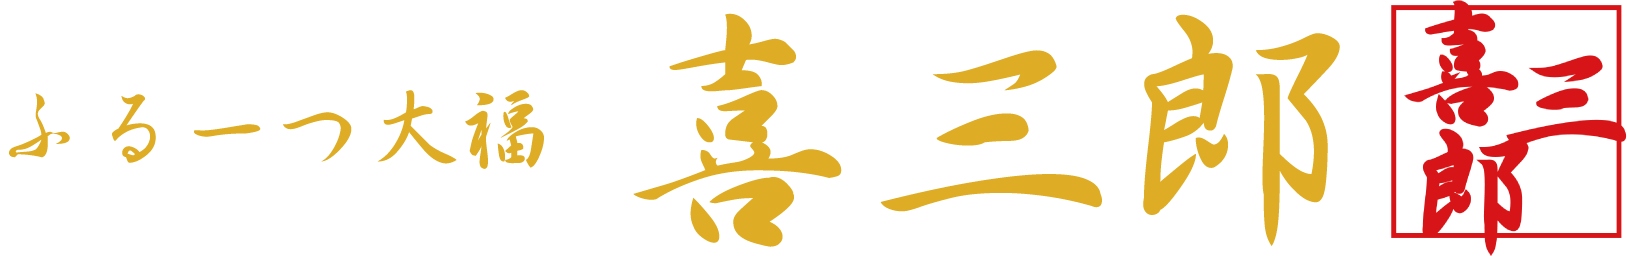 ふるーつ大福 喜三郎